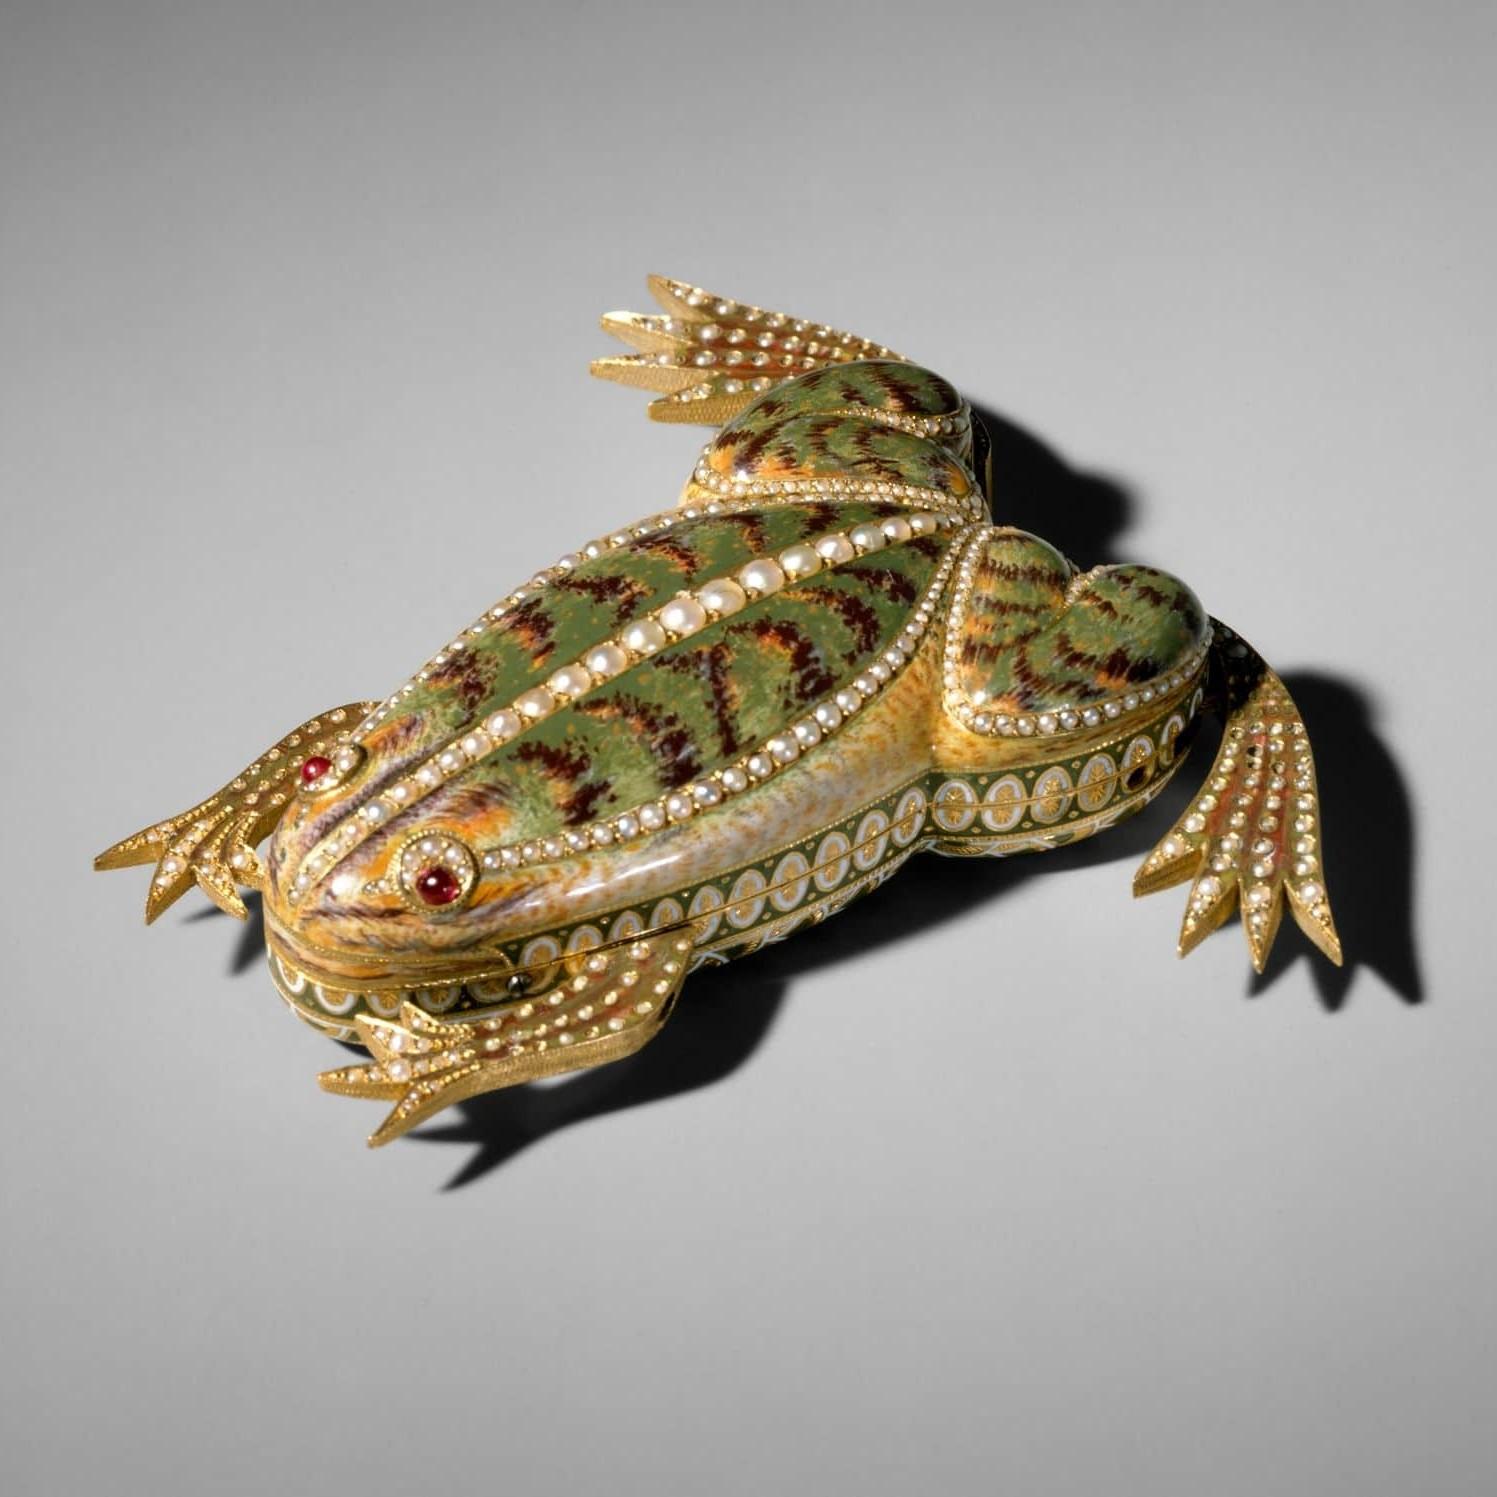 histoire-automate-henri-maillardet-grenouille